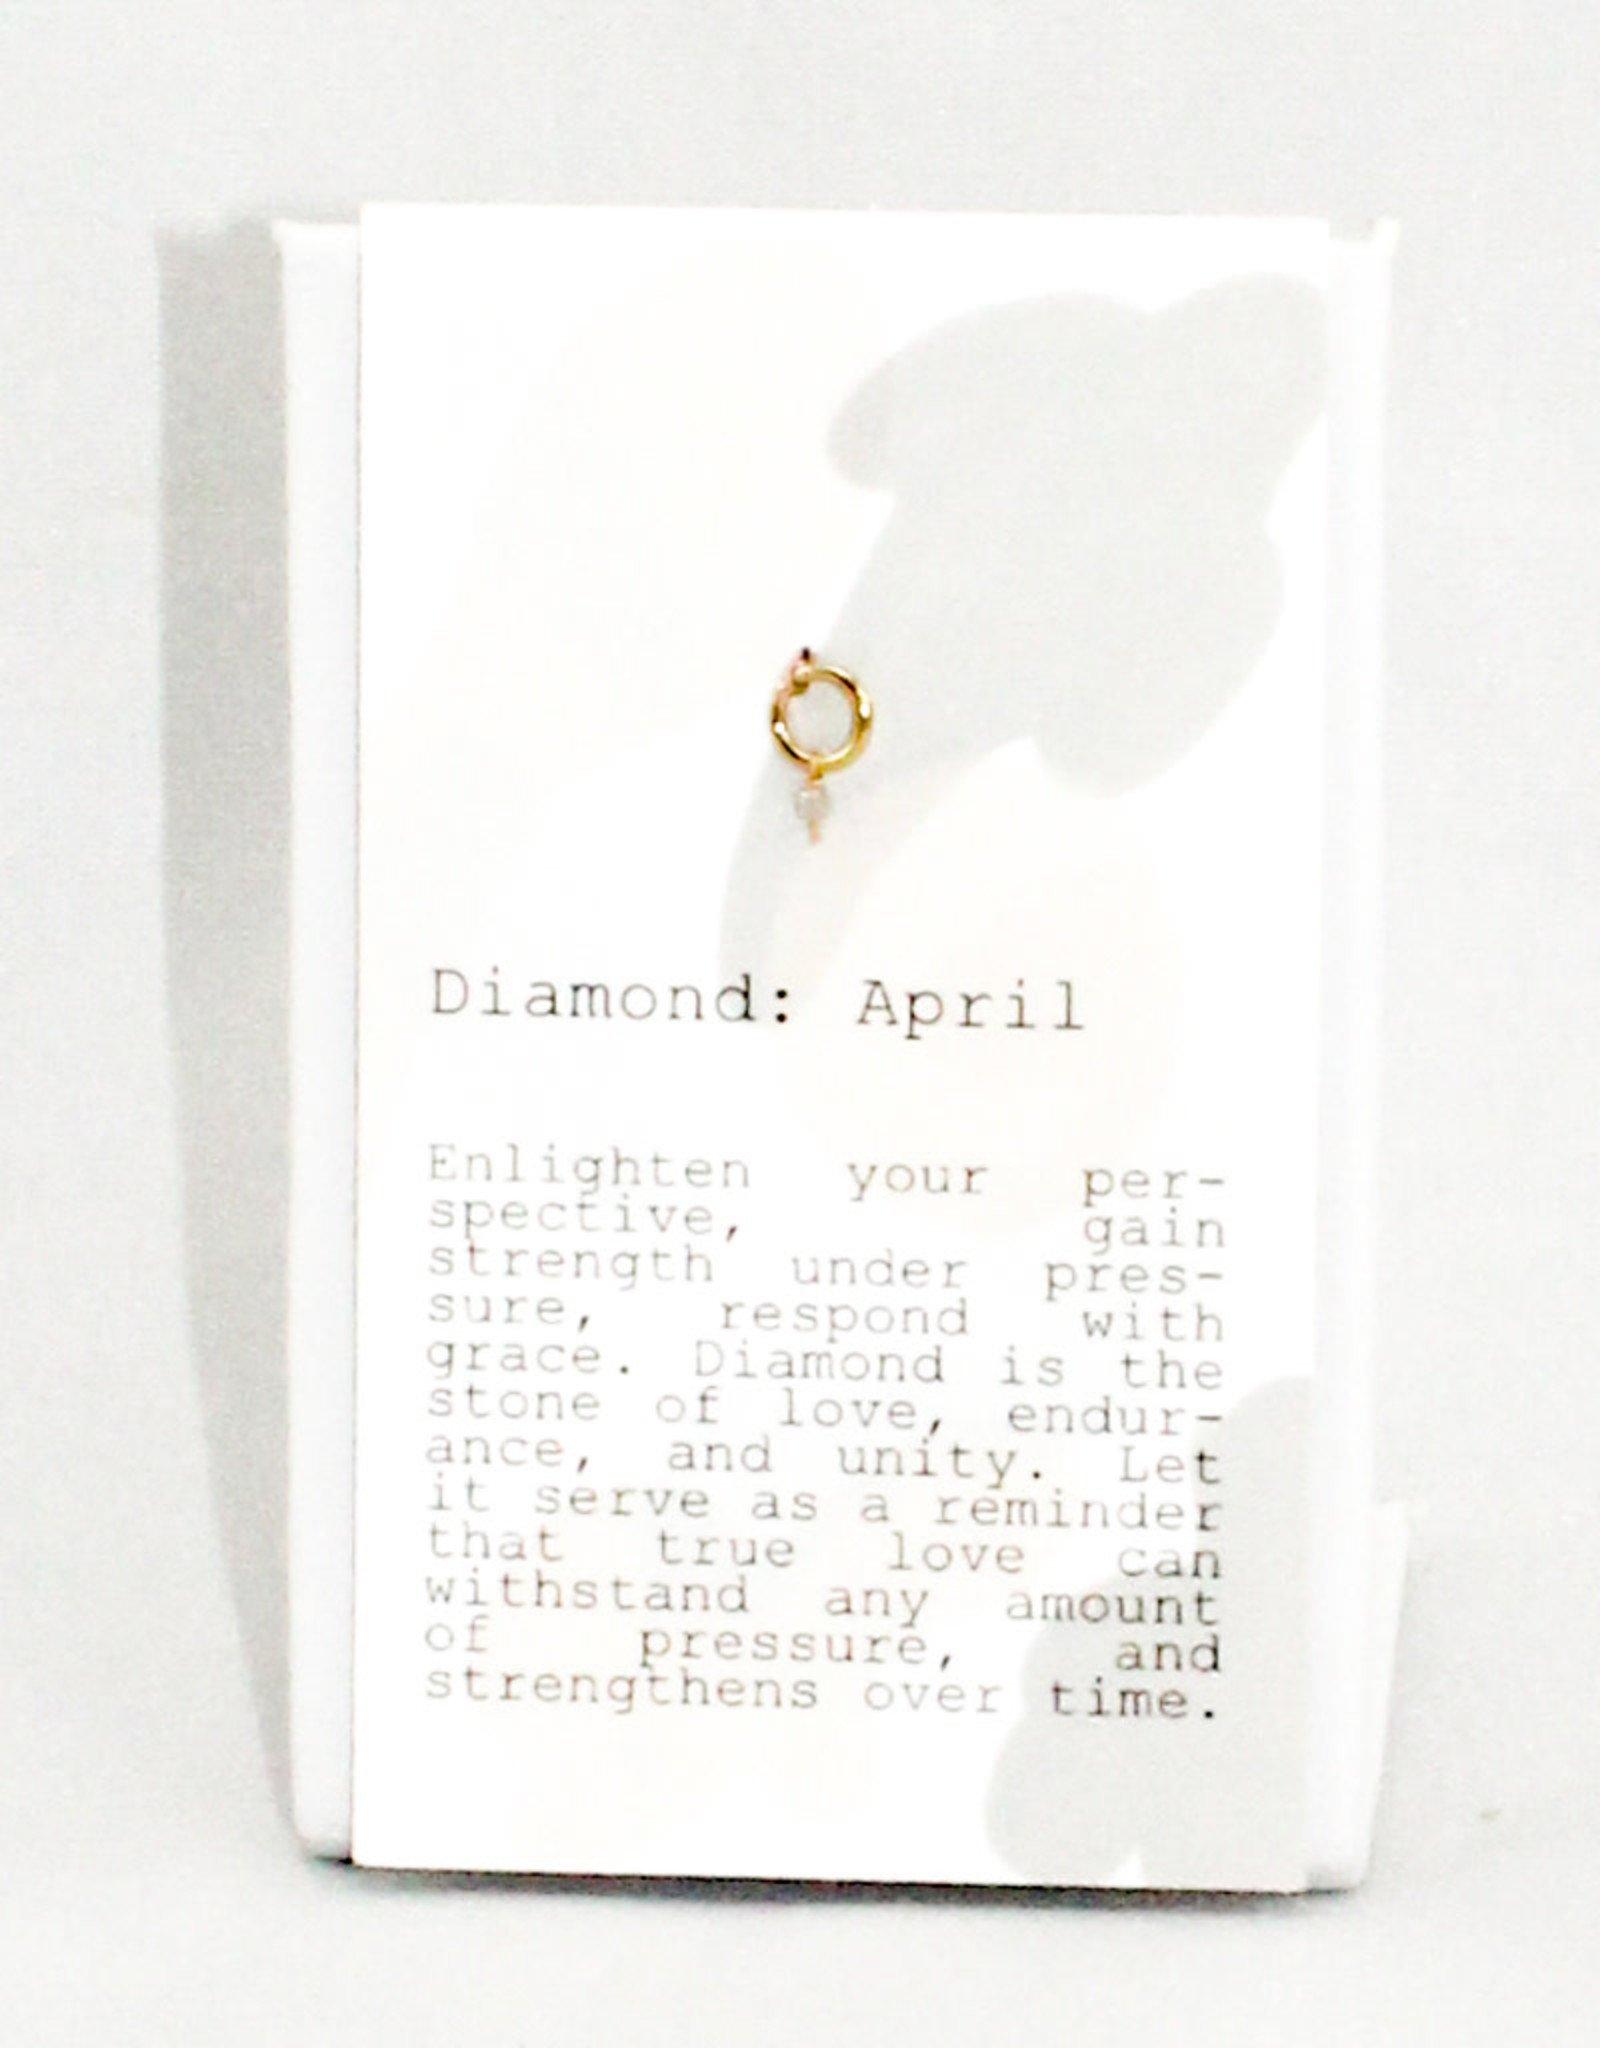 Kozakh April Faceted Diamond pendant